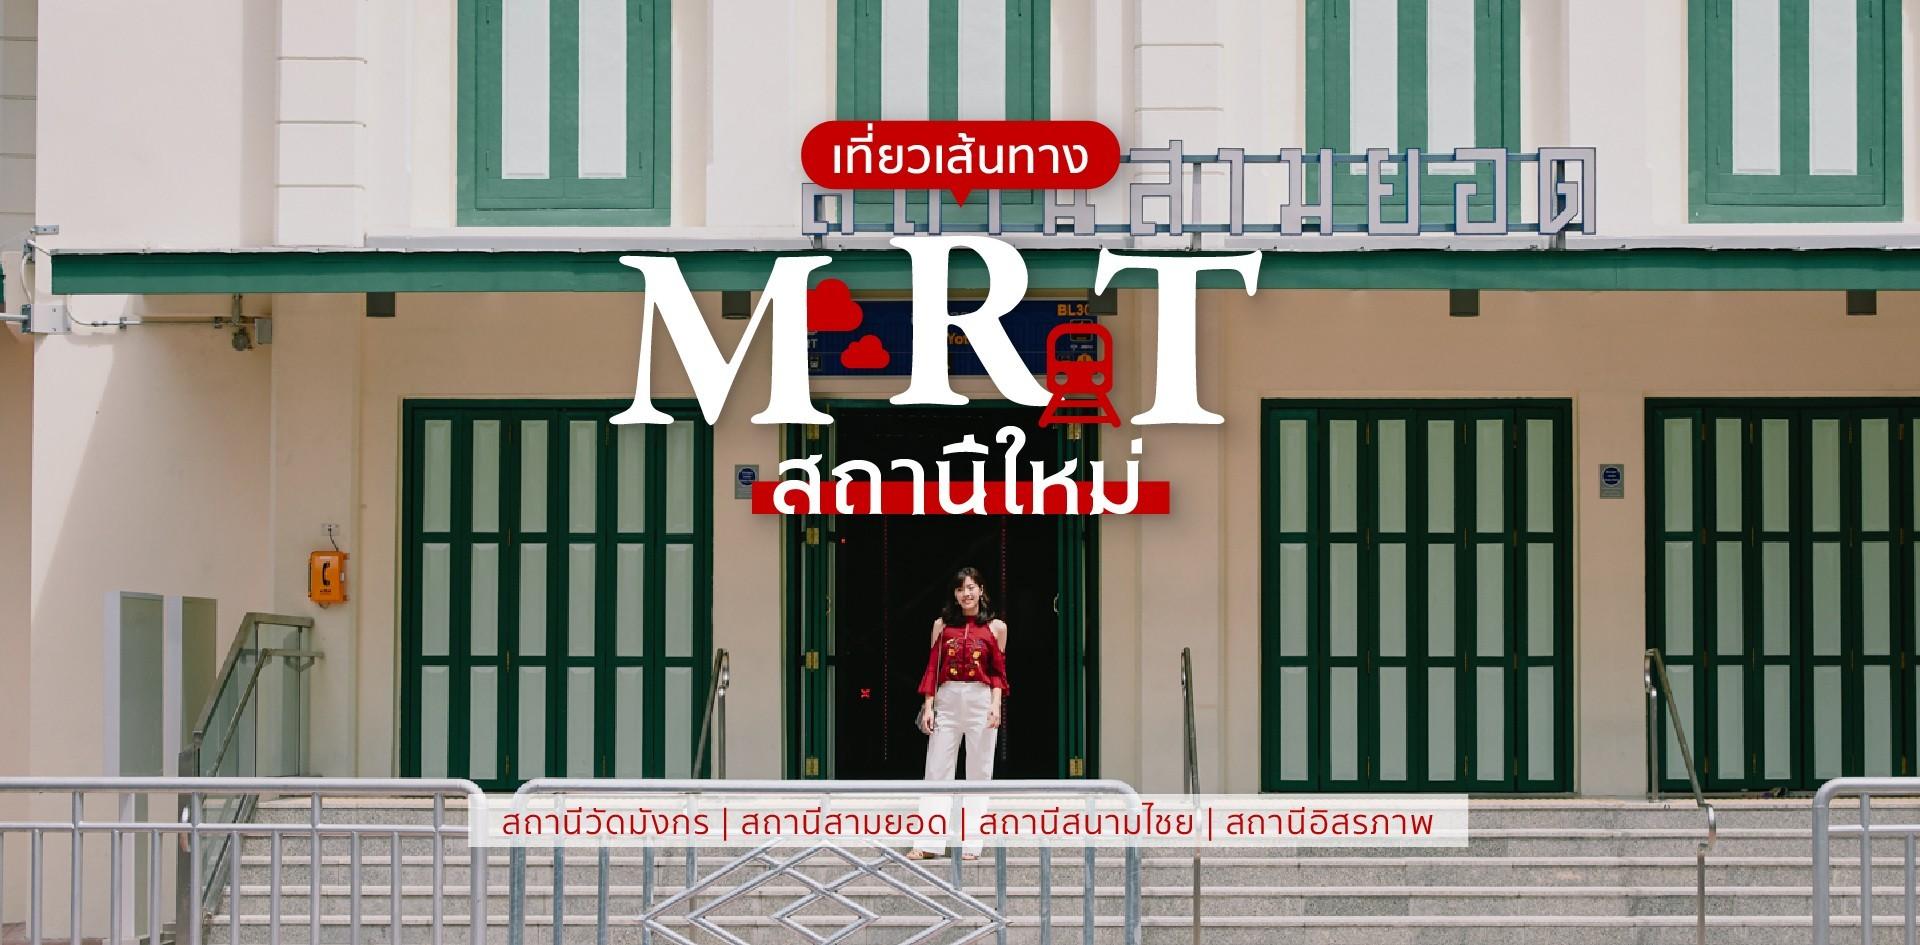 พาชมสถานี MRT เปิดใหม่! สวยที่สุดในไทย พร้อมแจกจุดกินเที่ยวแบบไม่อั้น